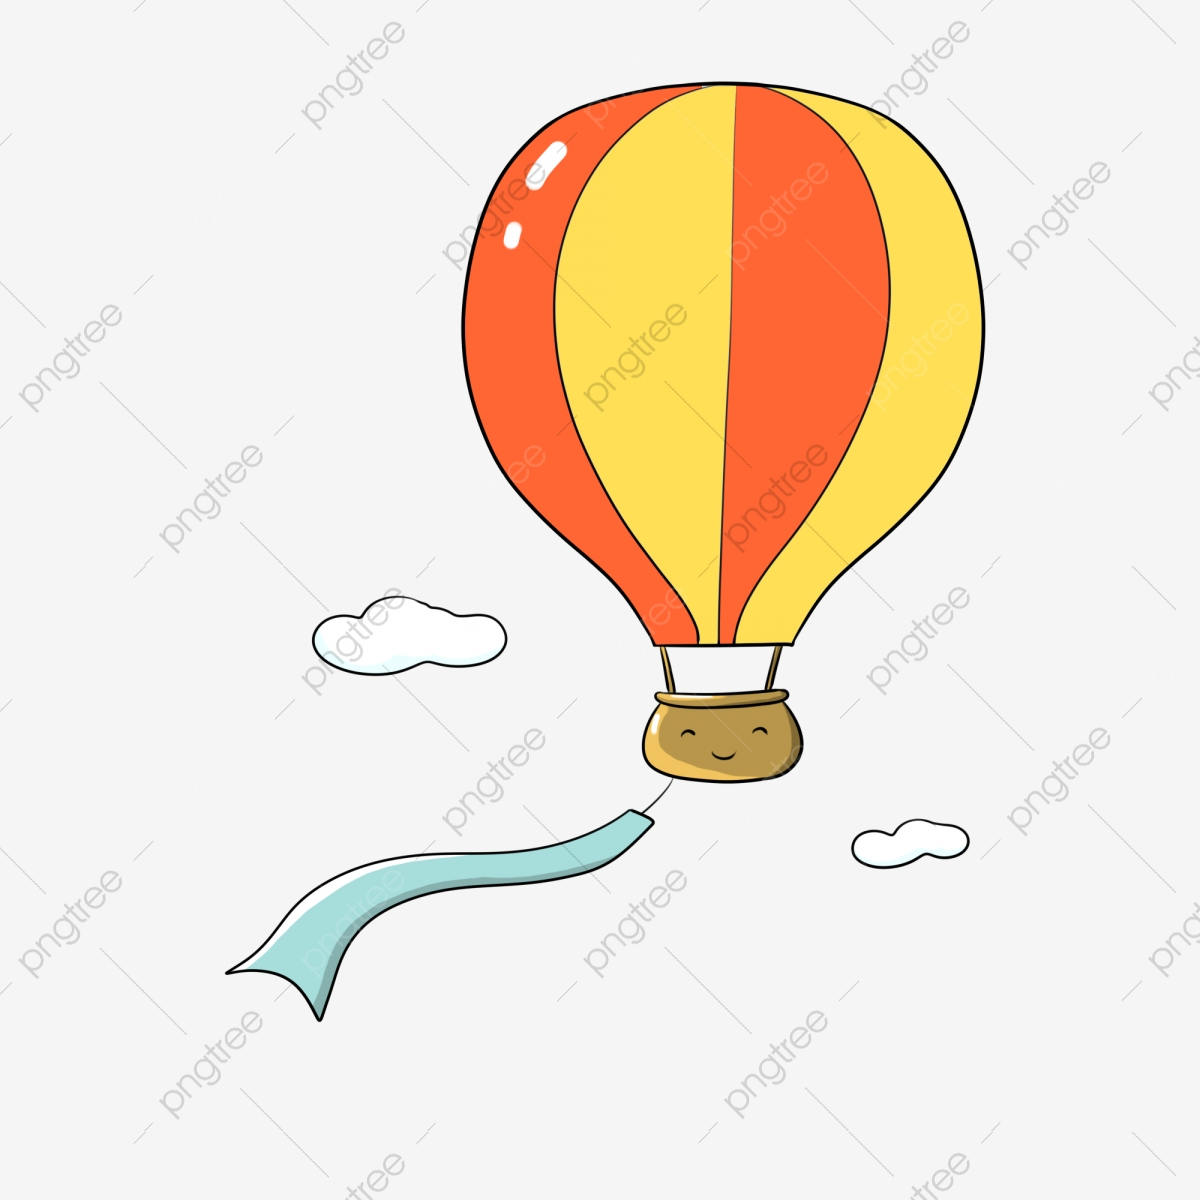 Cartoon Hot Air Balloon Cute Balloon Colorful Hot Air